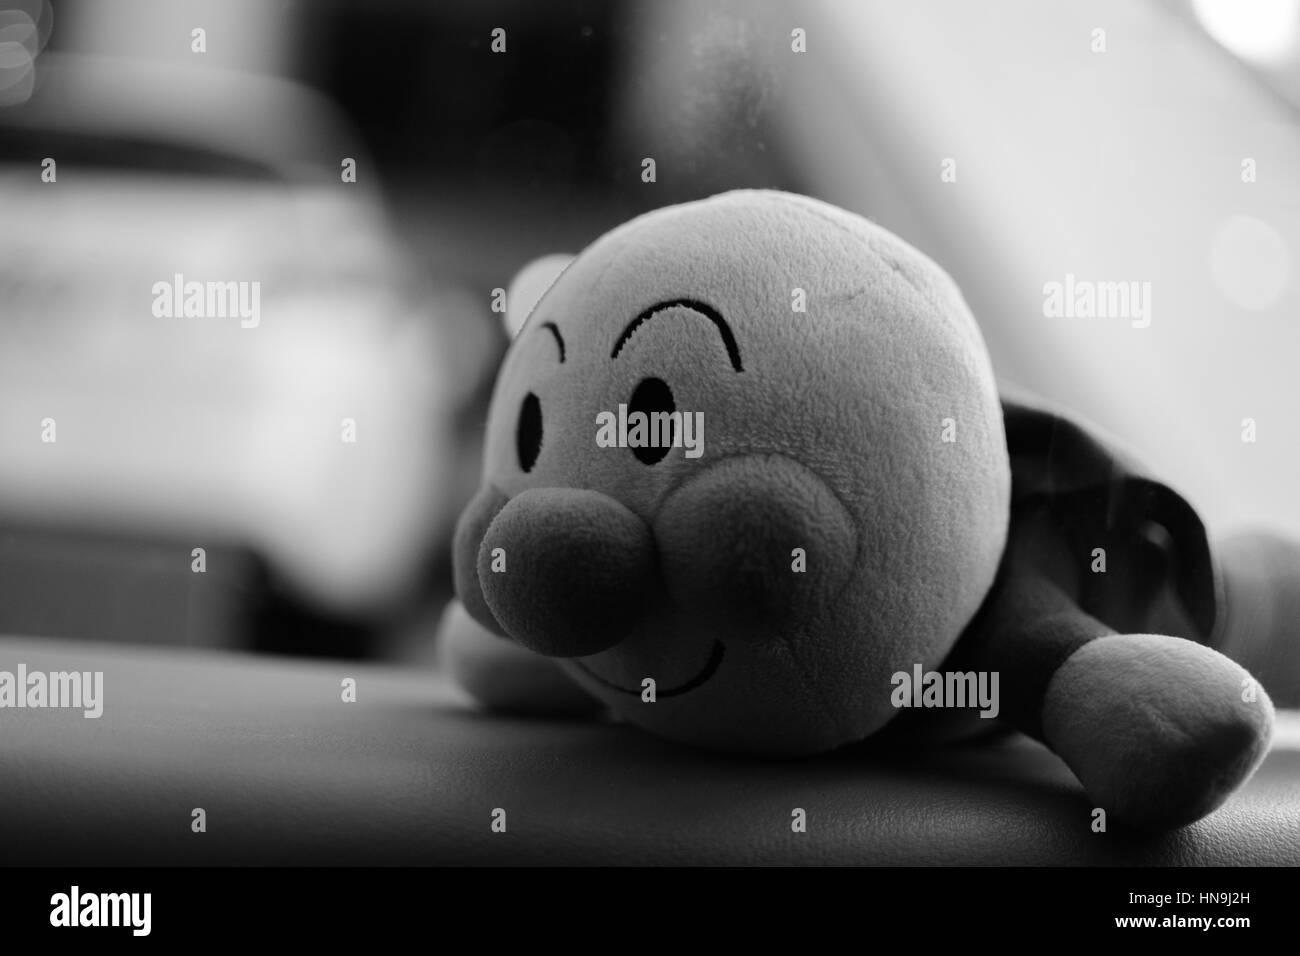 Anpanman giocattolo imbottito Immagini Stock